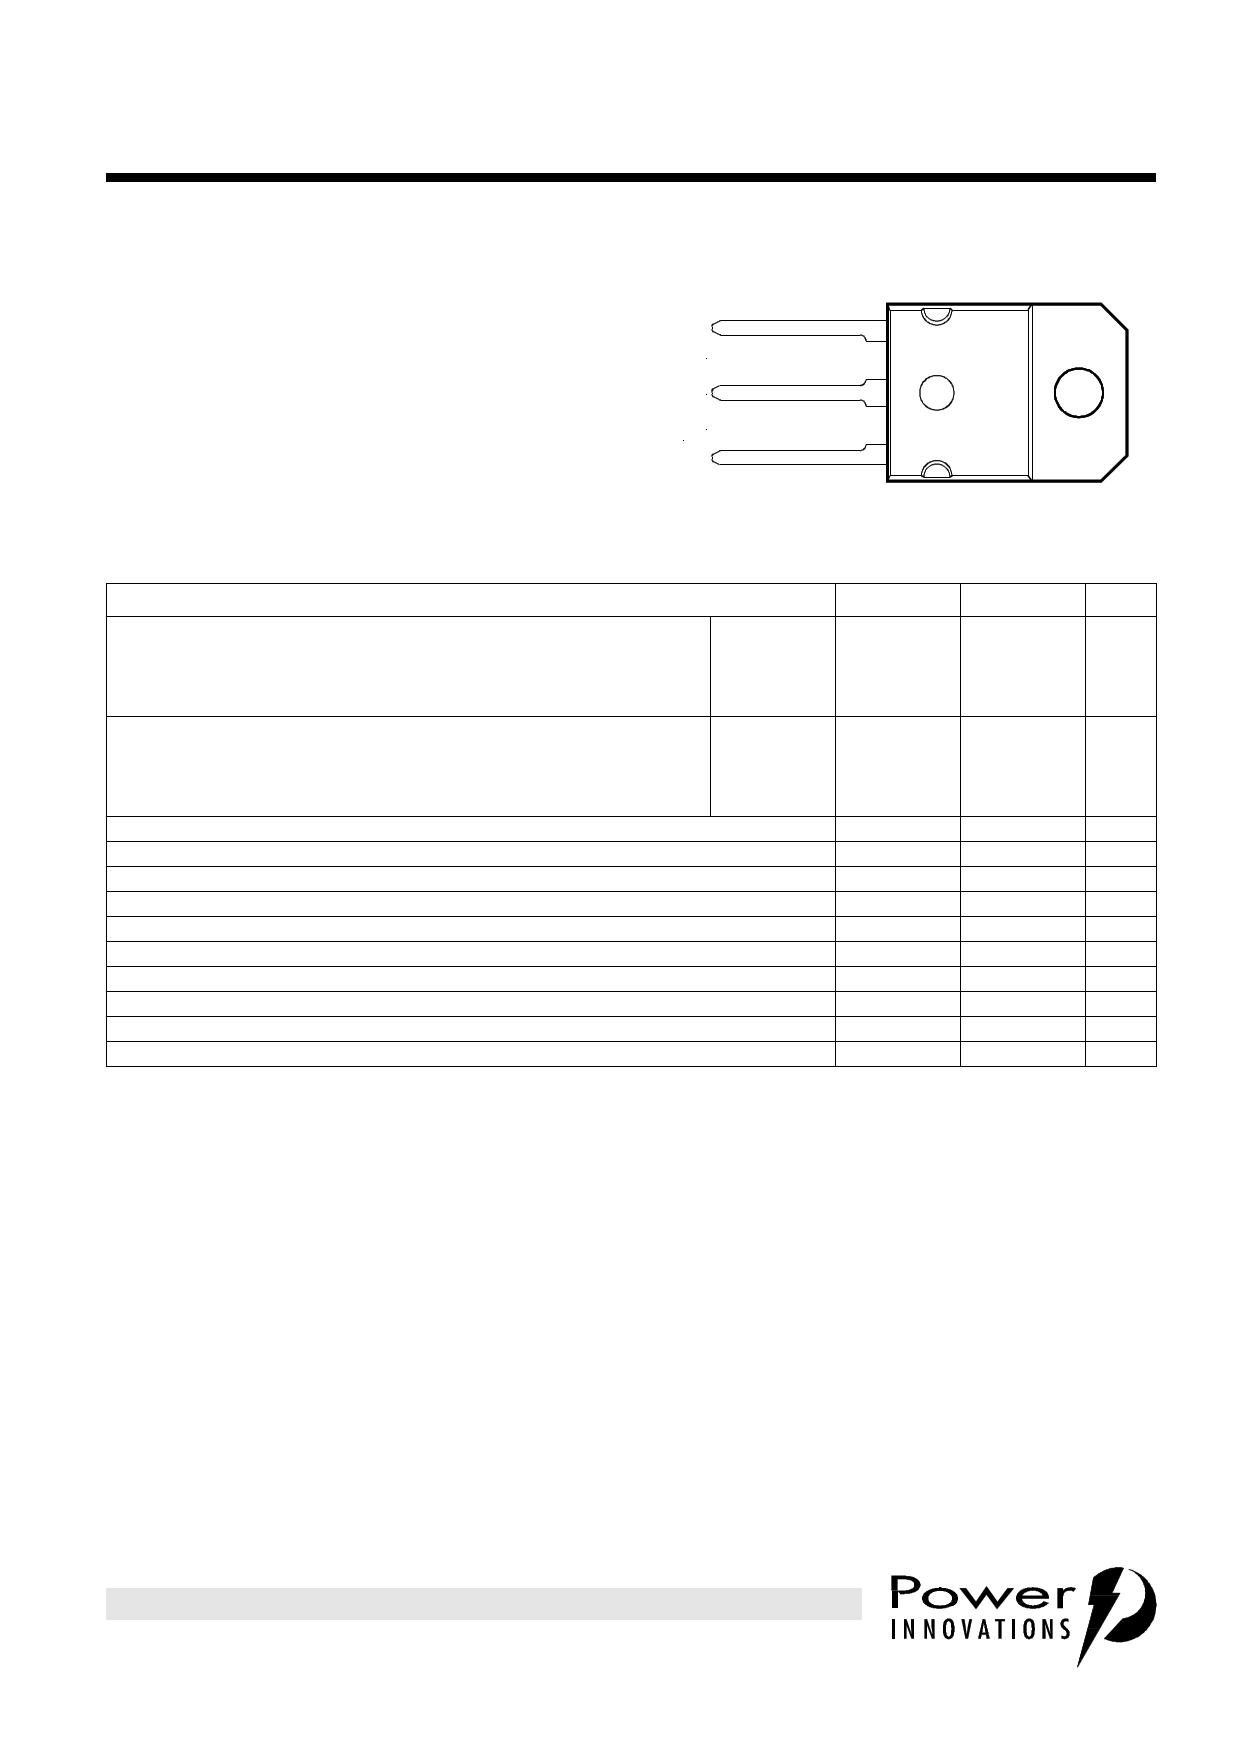 BD250 datasheet